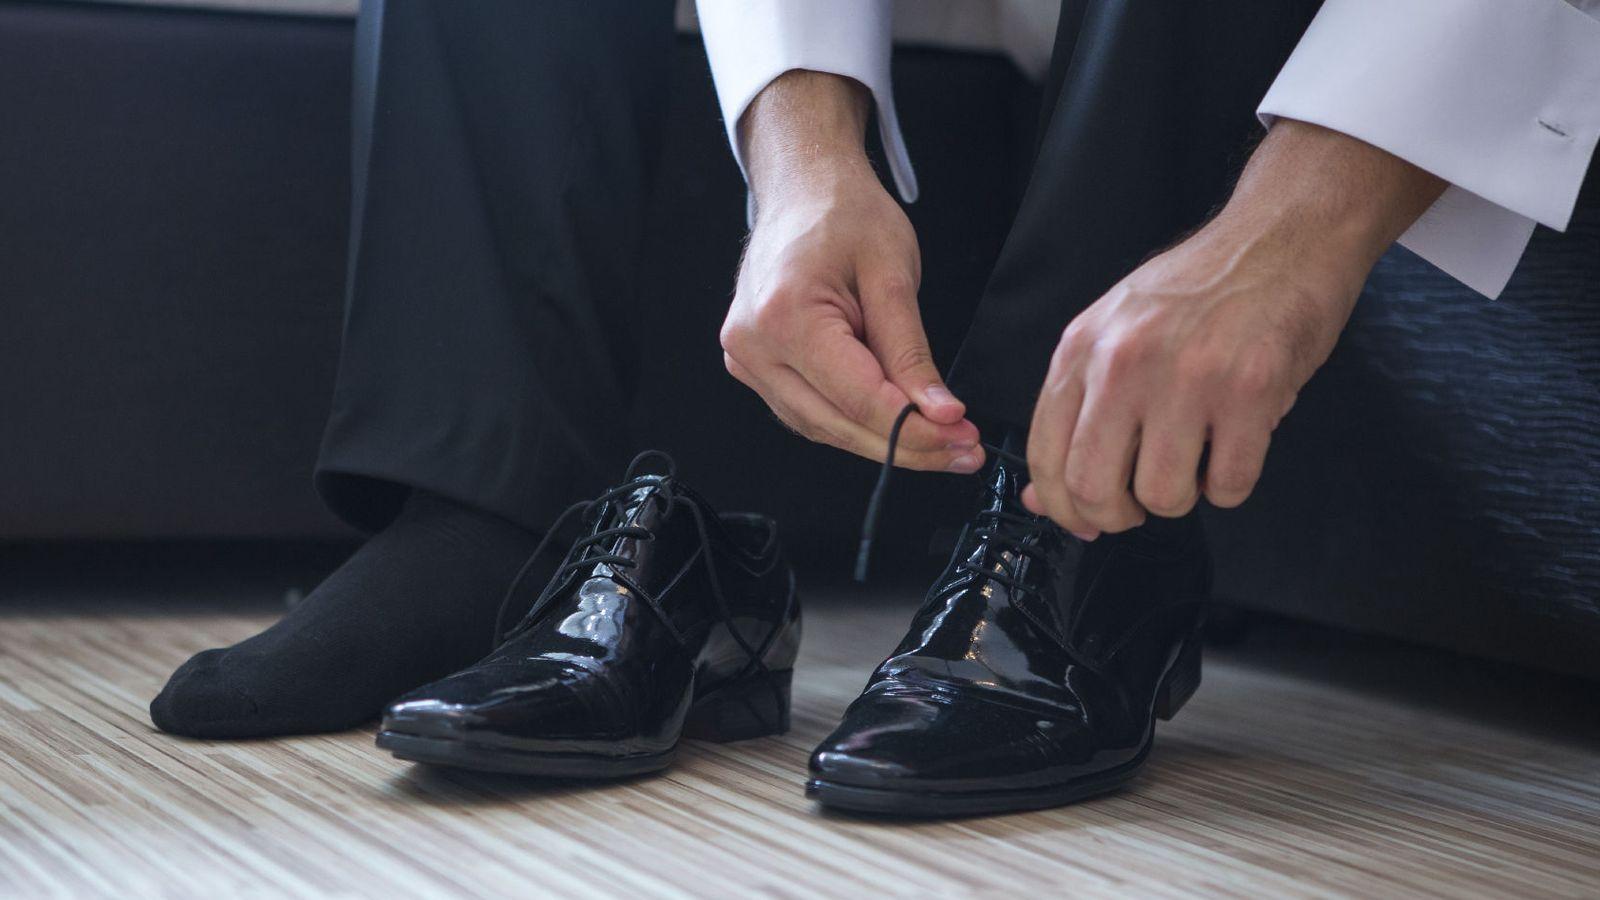 32fcd77e el-error-que-cometen-todos-los-hombres-cuando-se-compran-unos-zapatos -nuevos.jpg?mtime=1454513857